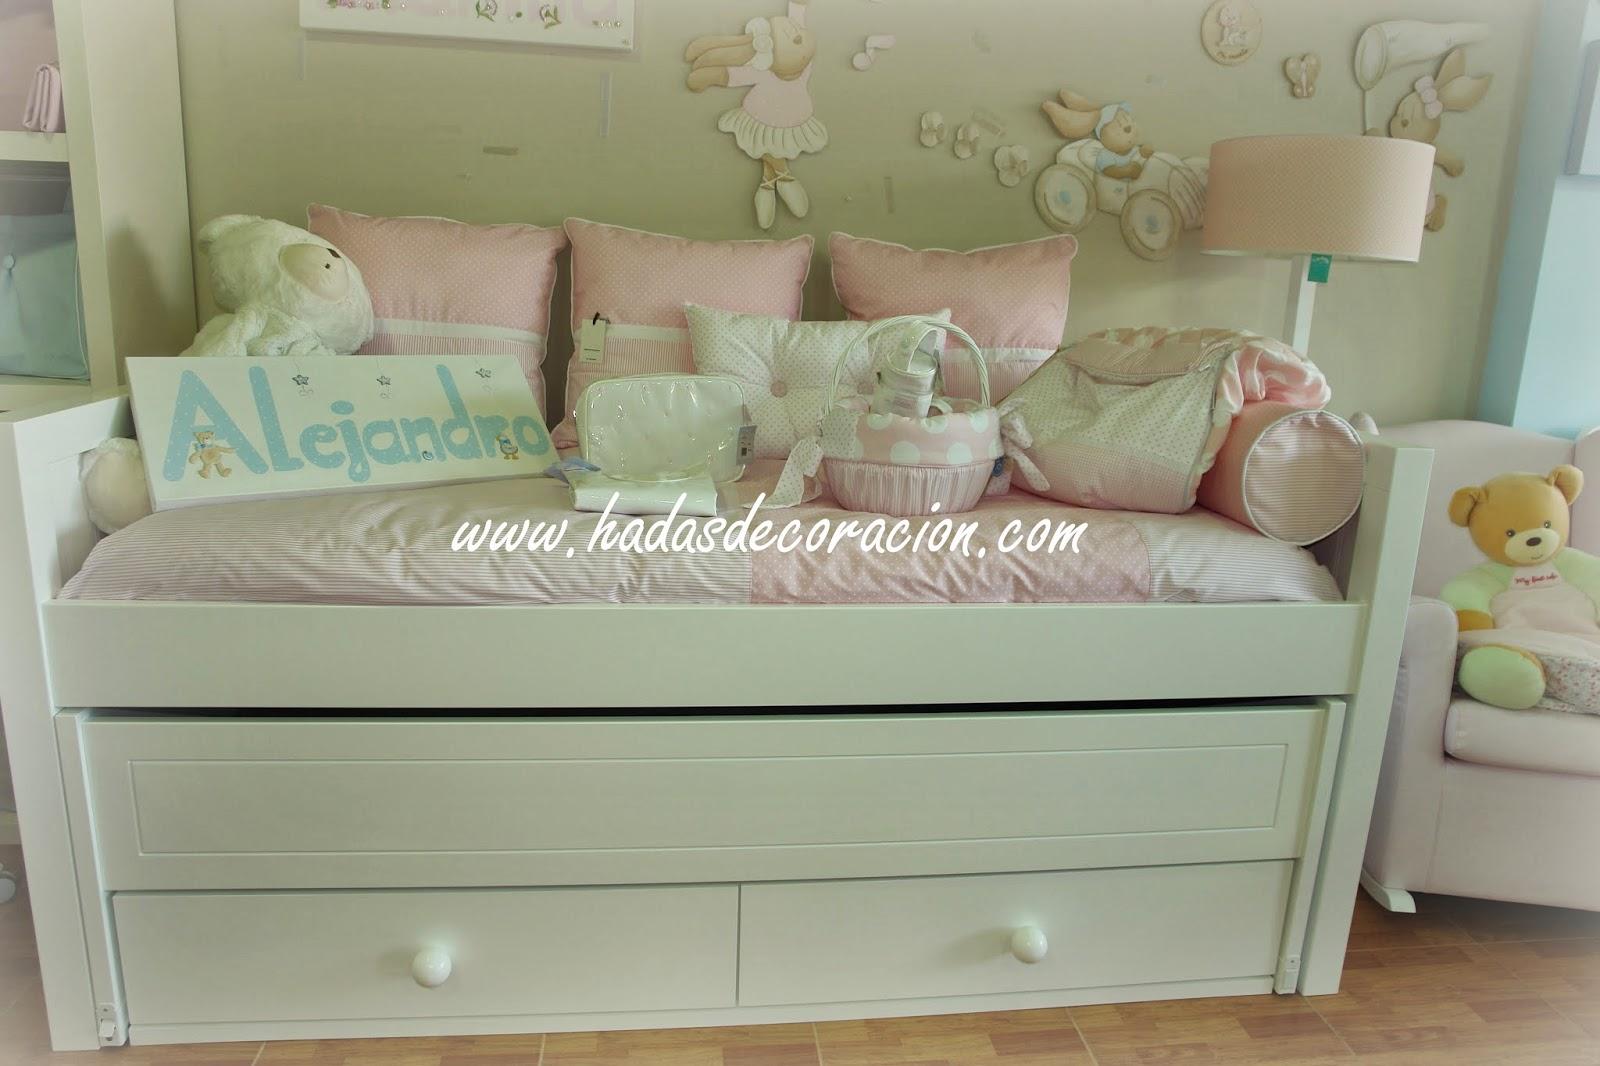 camas trebol mobiliario